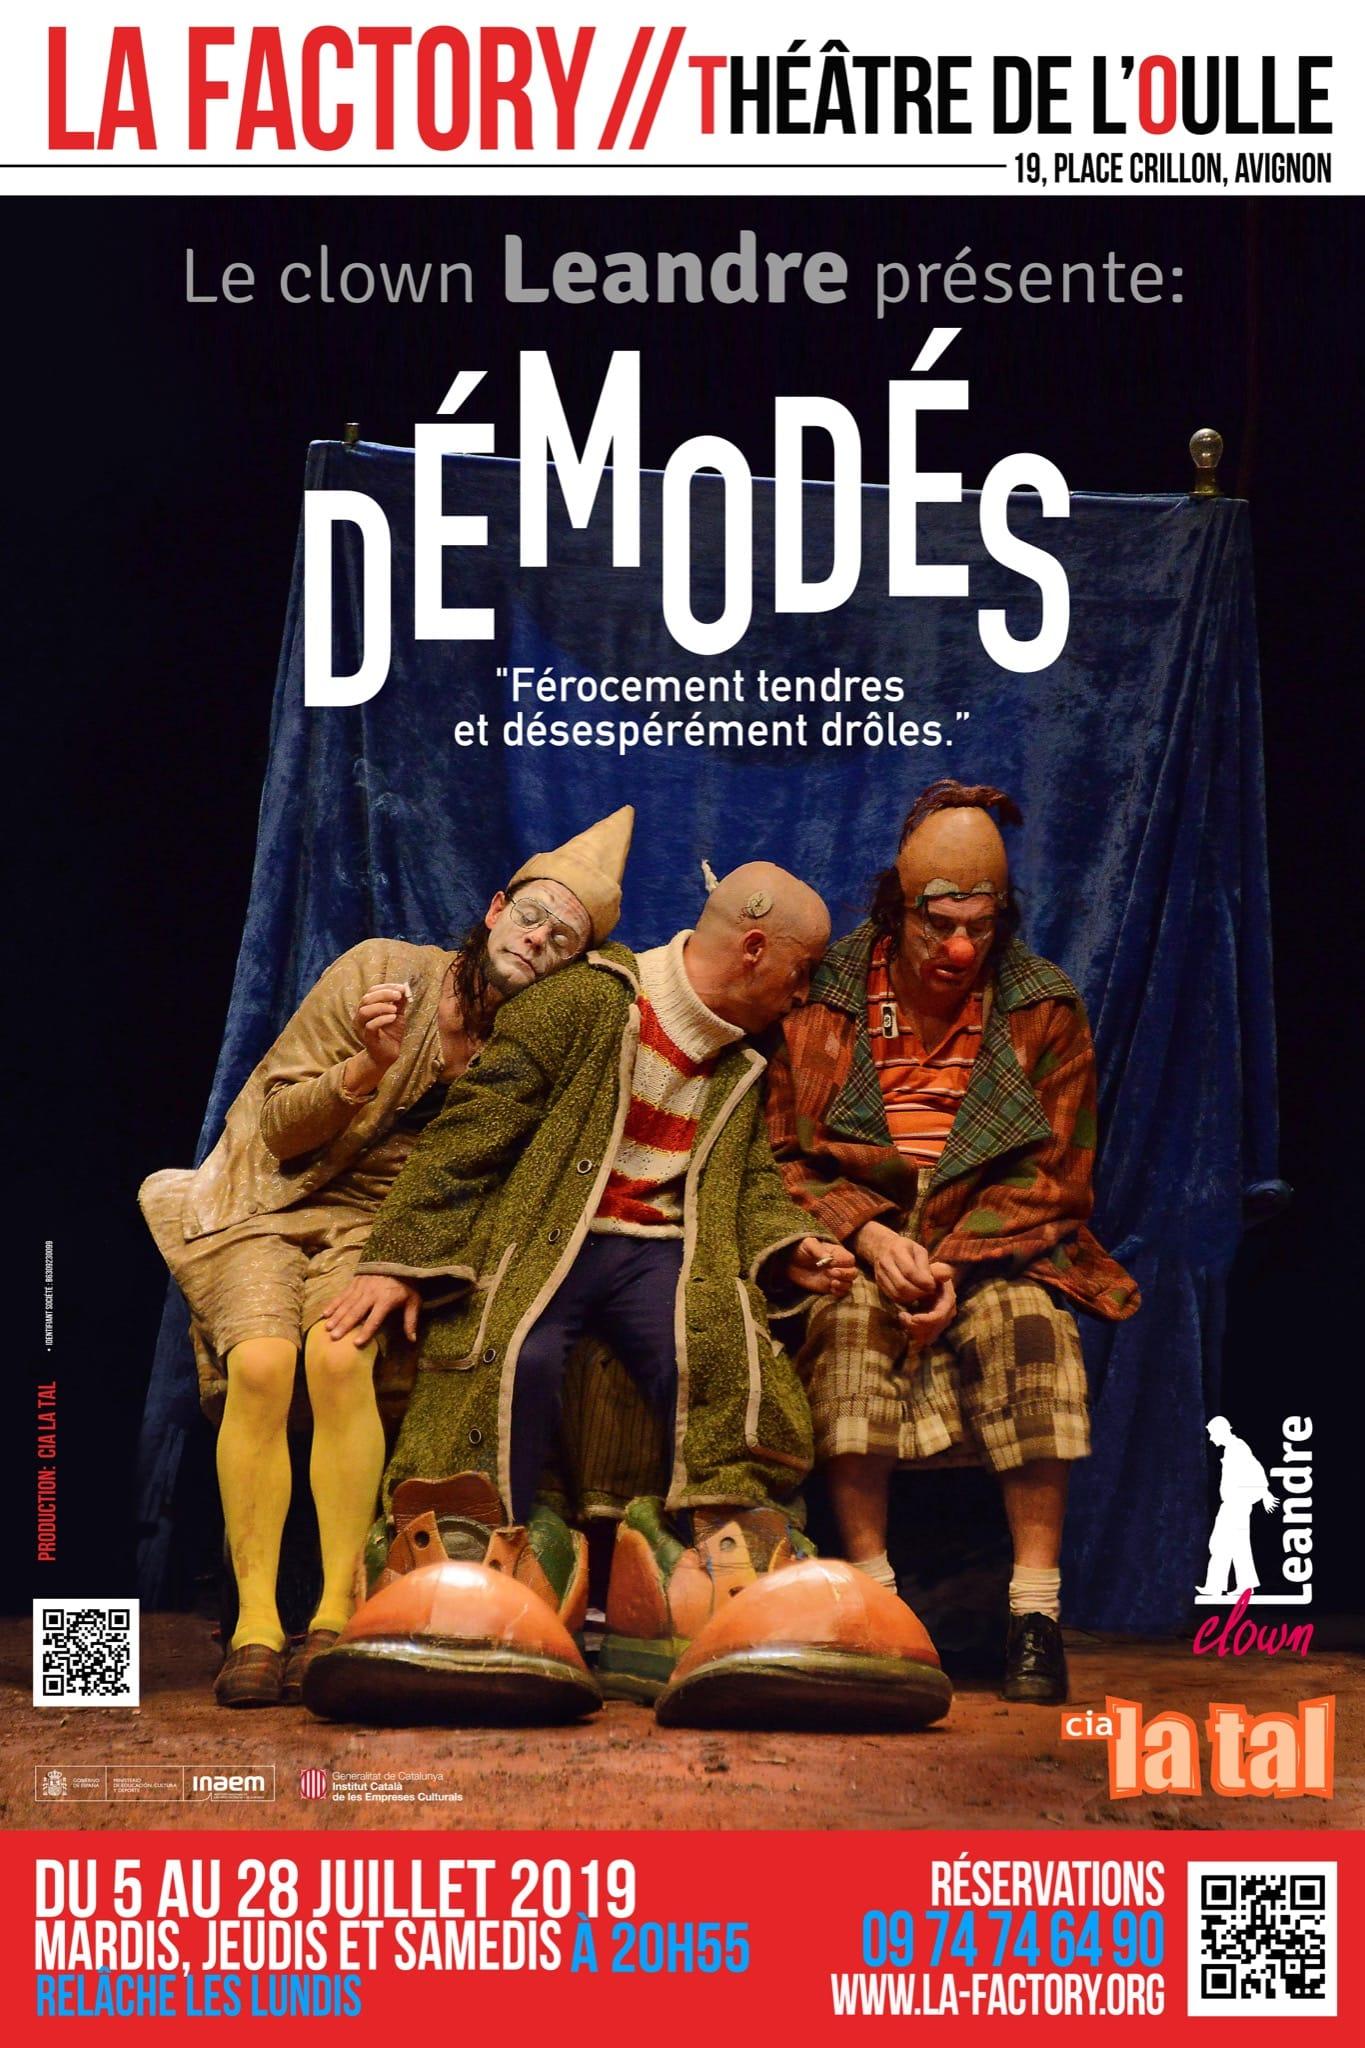 DÉMODÉS de TAL - Cie Jean-Louis Bihoreau affiche clown